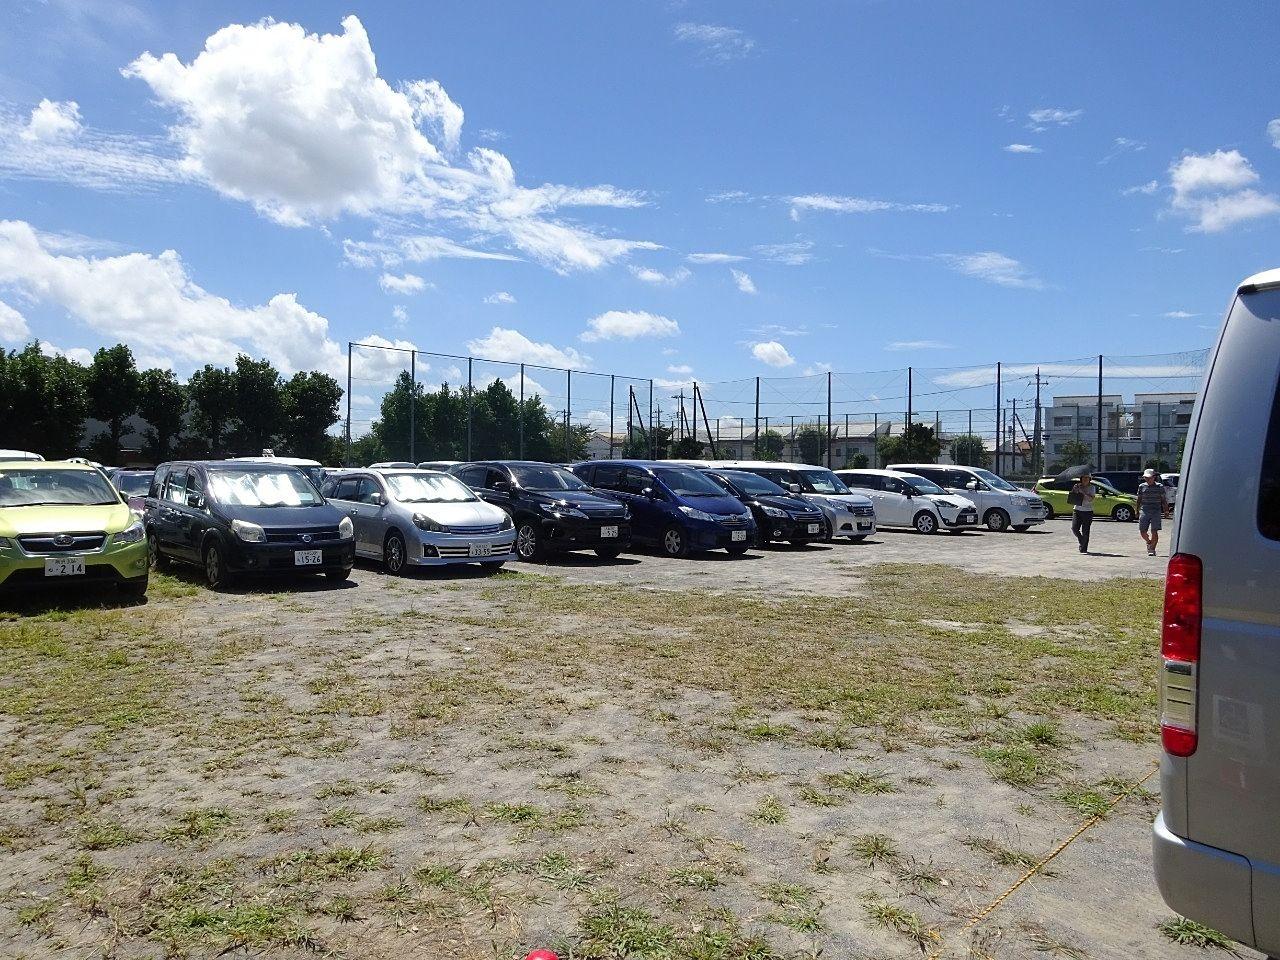 コミニュティープラザ内の駐車場